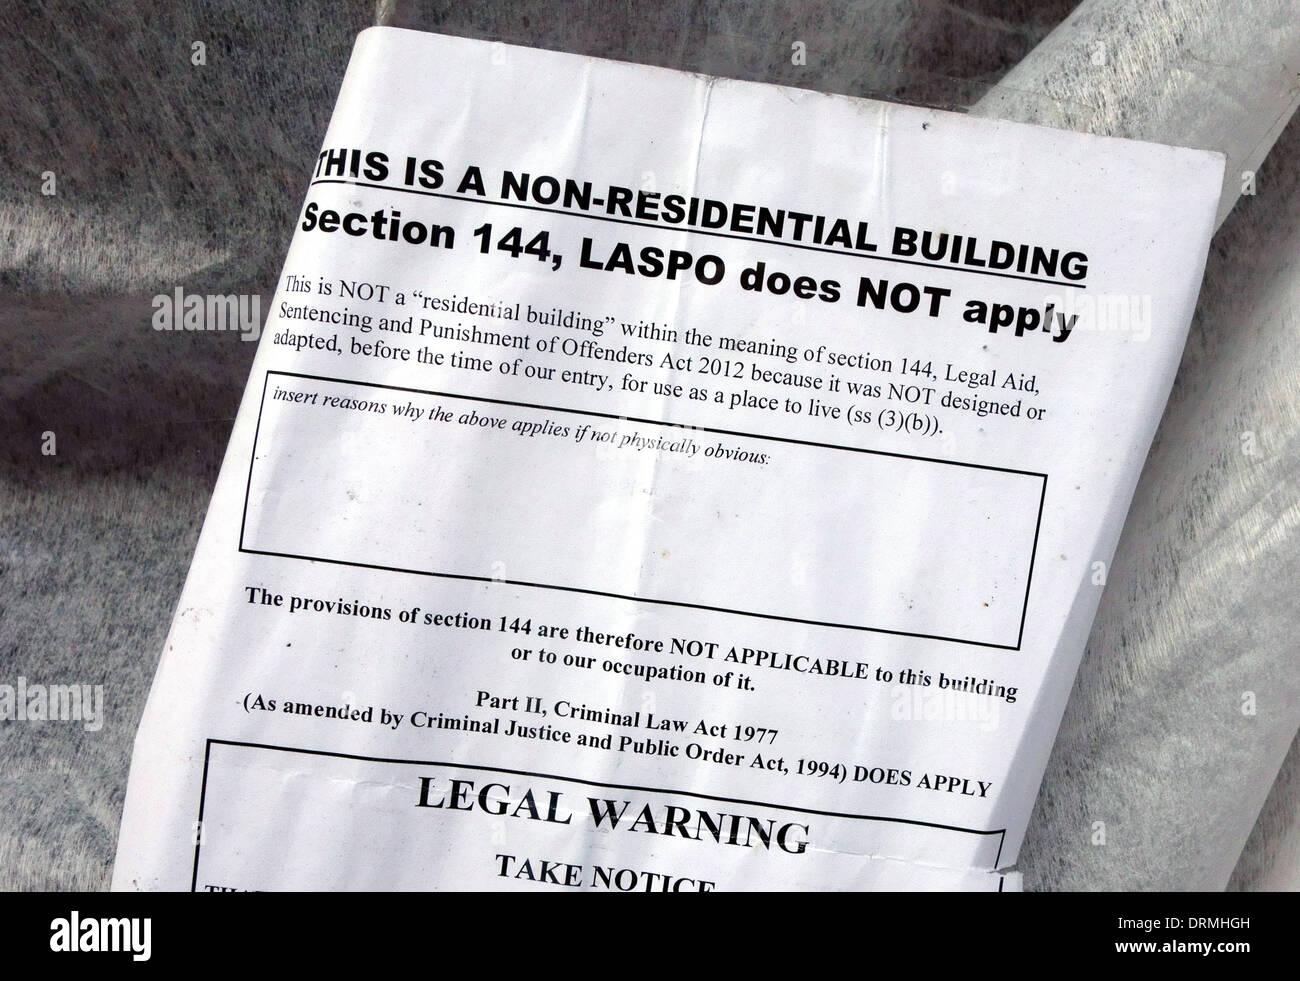 Avis juridique dans la fenêtre du squat dans la construction non résidentielle, Londres: anti-squatting law ne s'applique pas aux locaux commerciaux Photo Stock